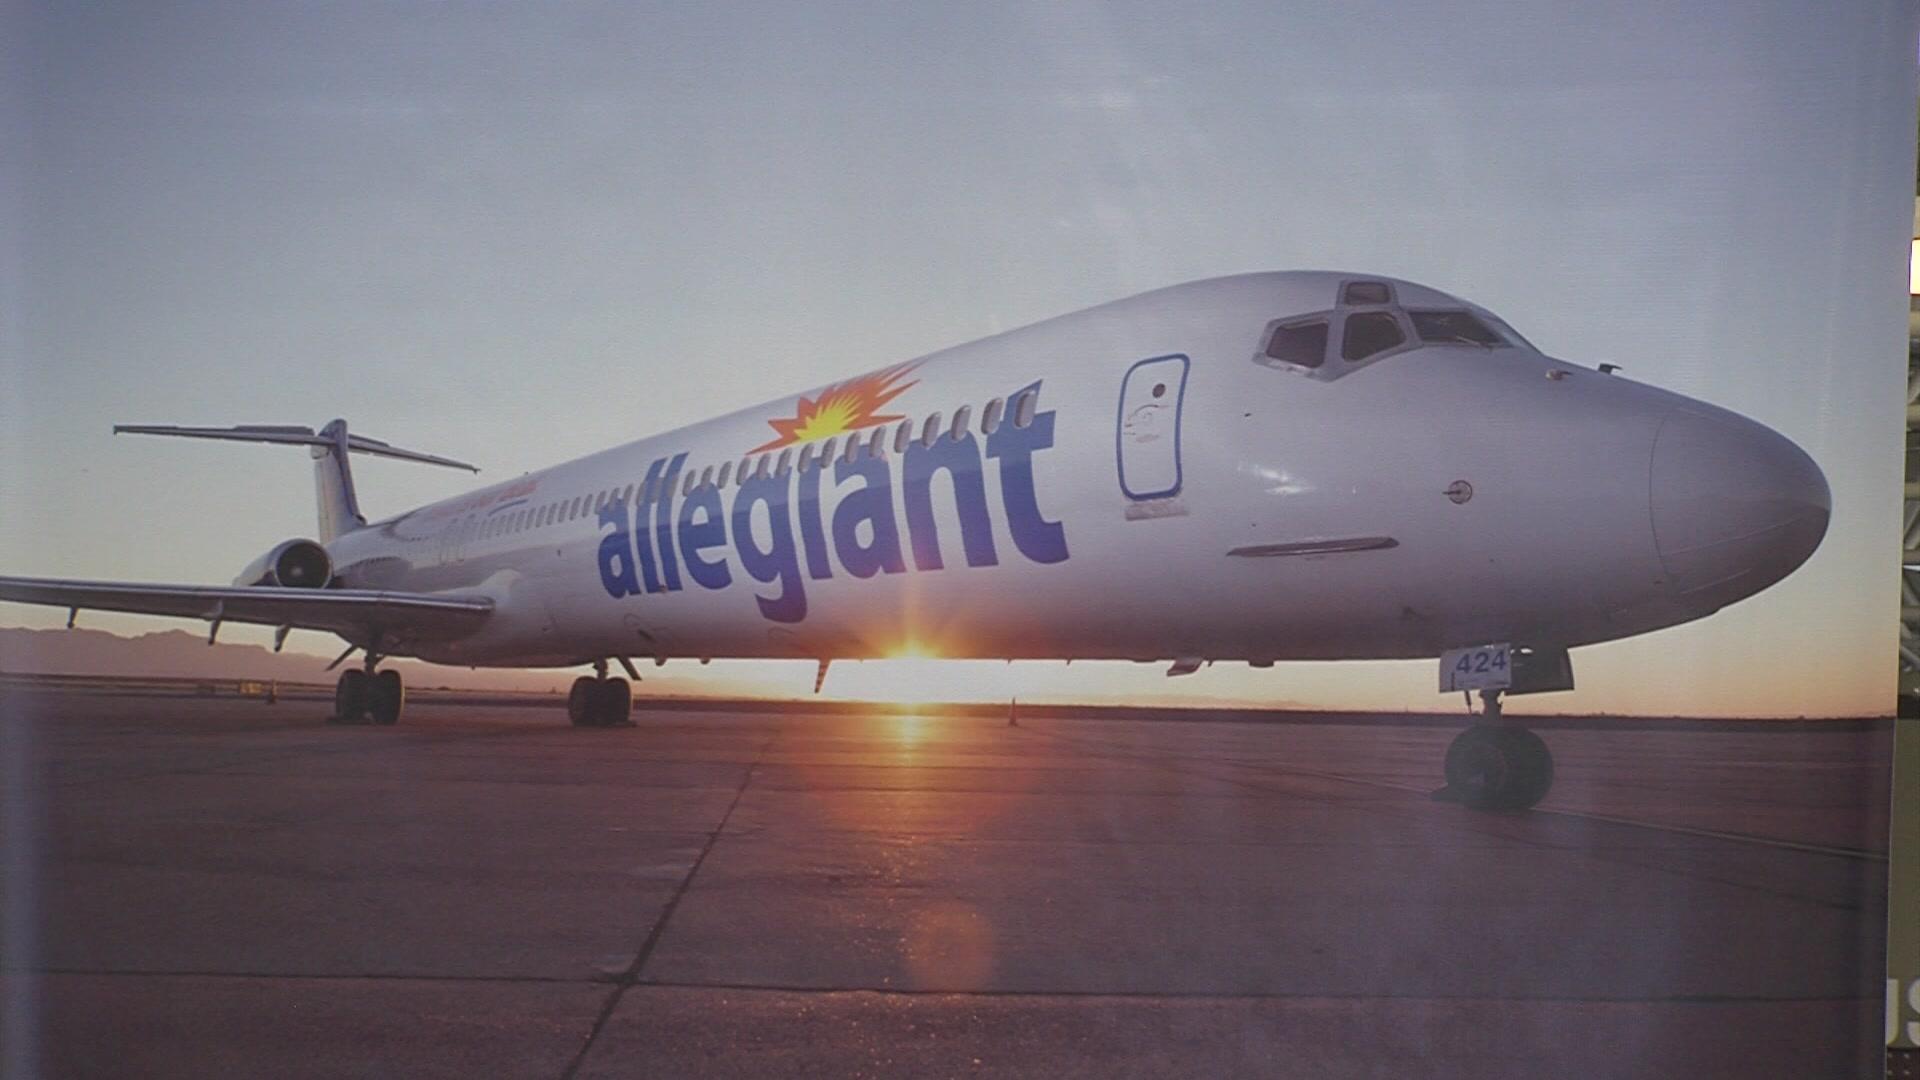 Allegiant Air Makes Announcement Regarding New Low Cost